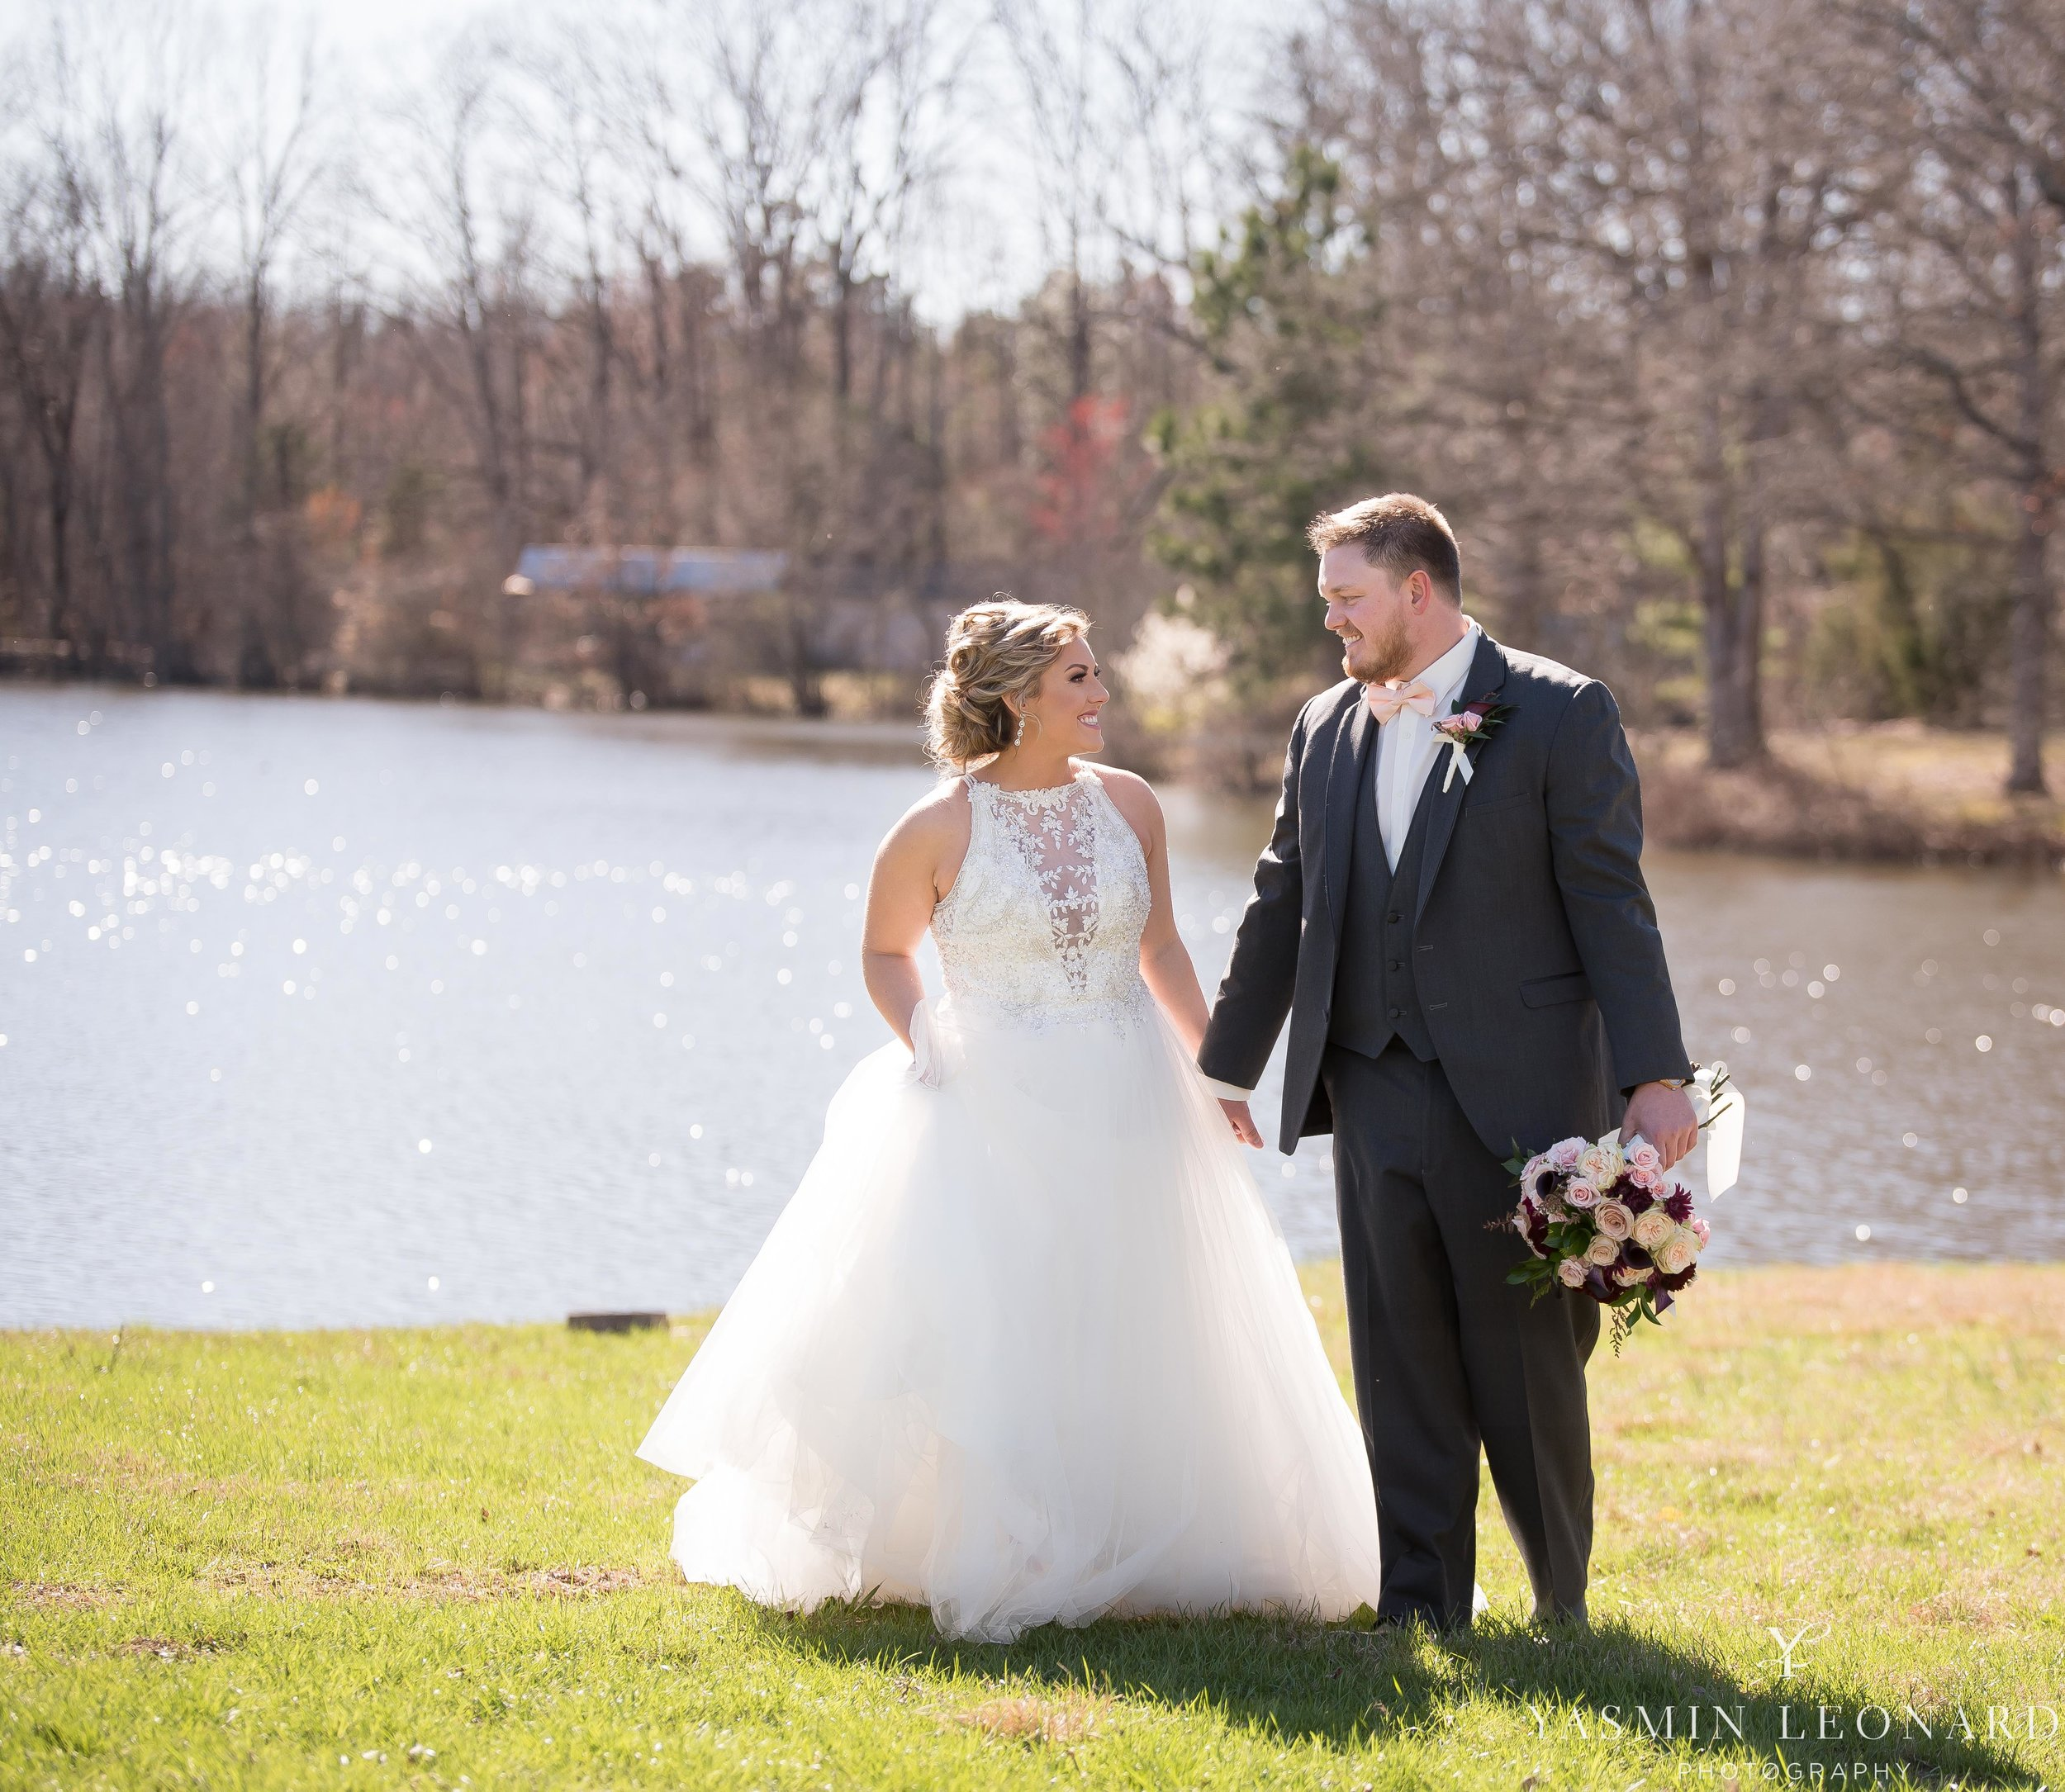 Millikan Farms - Millikan Farms Wedding - Sophia NC Wedding - NC Wedding - NC Wedding Photographer - Yasmin Leonard Photography - High Point Photographer - Barn Wedding - Wedding Venues in NC - Triad Wedding Photographer-31.jpg